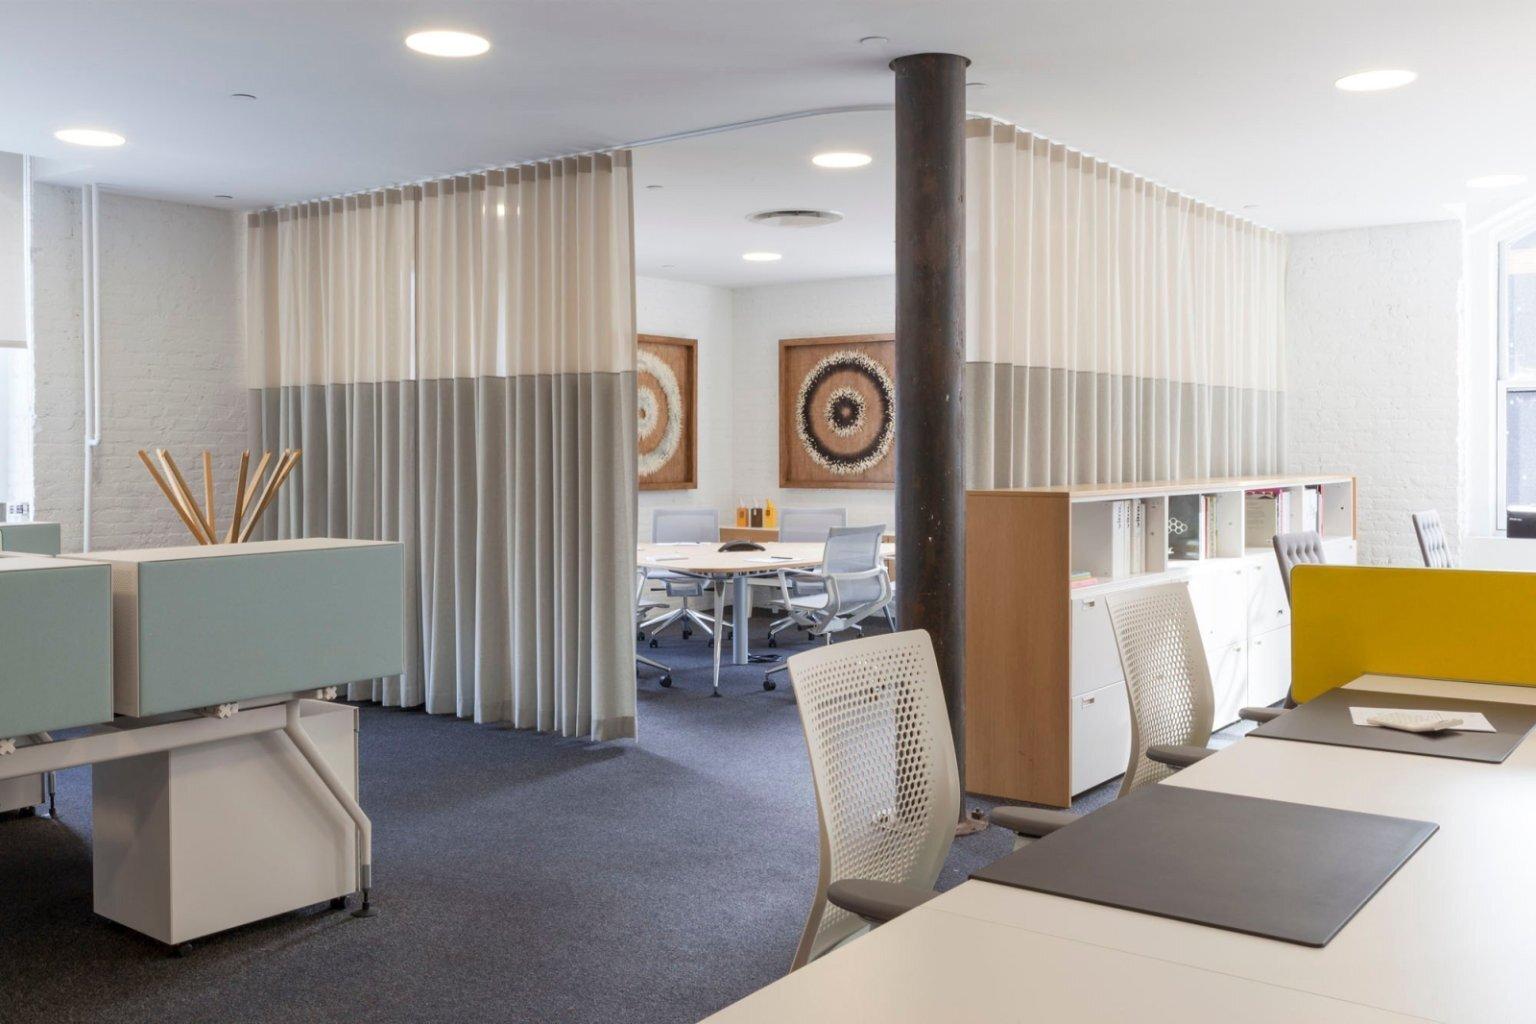 Full Size of Raumteiler Ikea Kinderzimmer Vorhange Betten Bei Küche Kaufen Sofa Mit Schlaffunktion Regal Kosten Miniküche Modulküche 160x200 Wohnzimmer Raumteiler Ikea